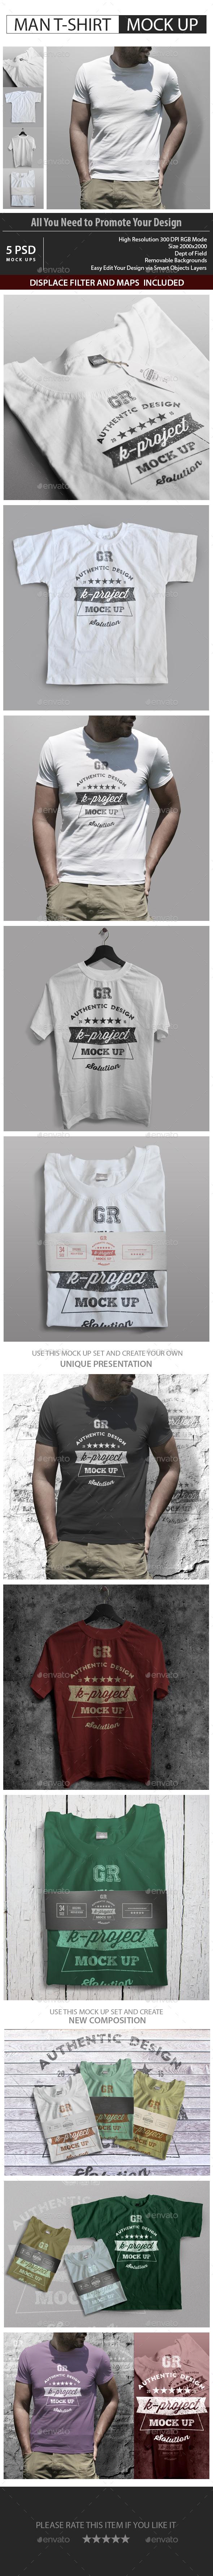 Man T-Shirt Mock Up v2